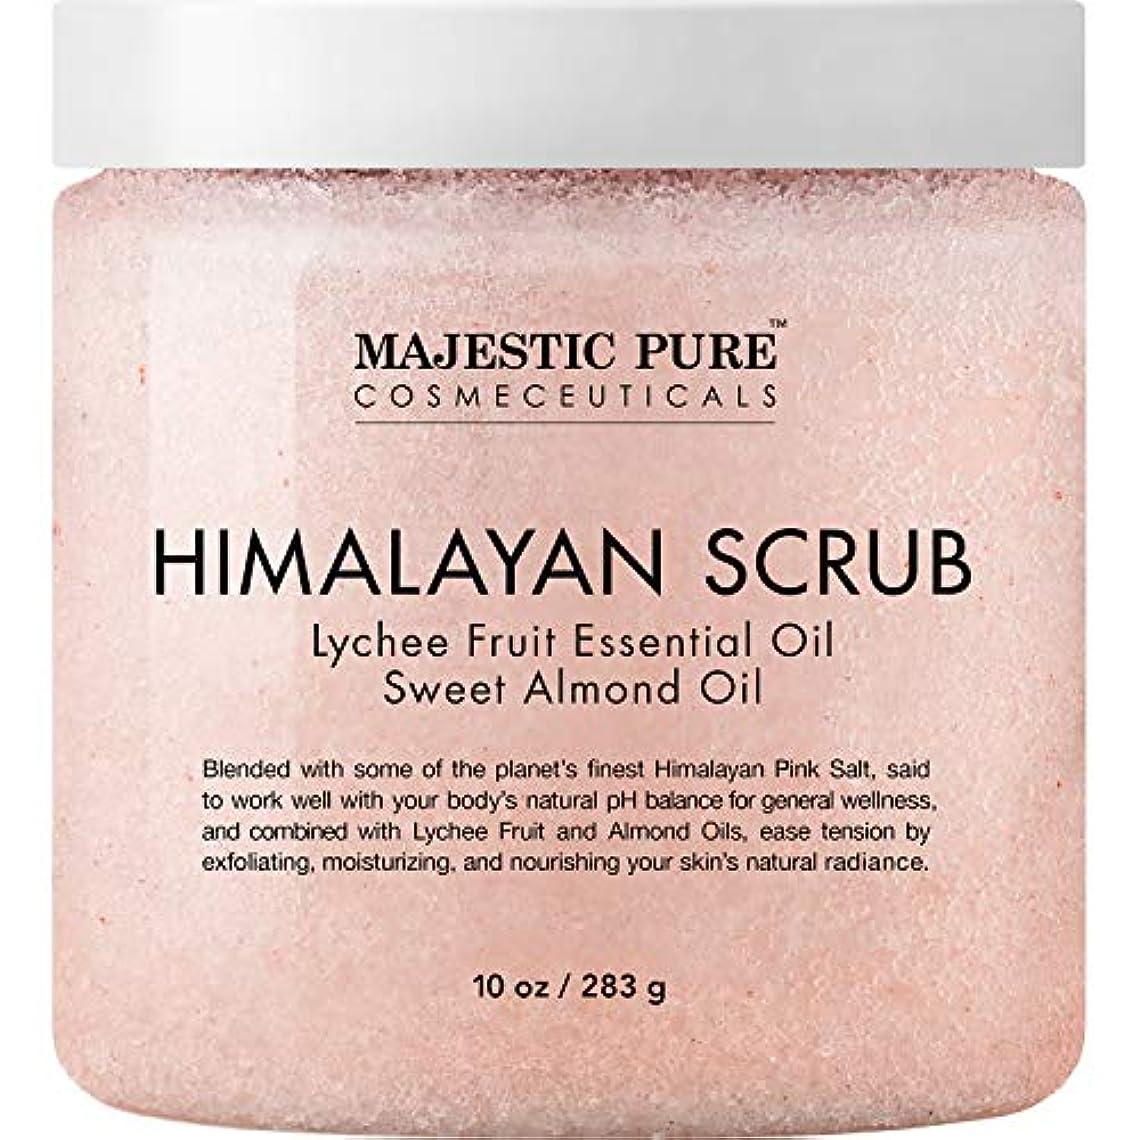 瞑想する準備ができて霧深いHimalayan Salt Body Scrub with Lychee Essential Oil 10 oz 283g ヒマラヤンソルトスクラブ ライチオイル